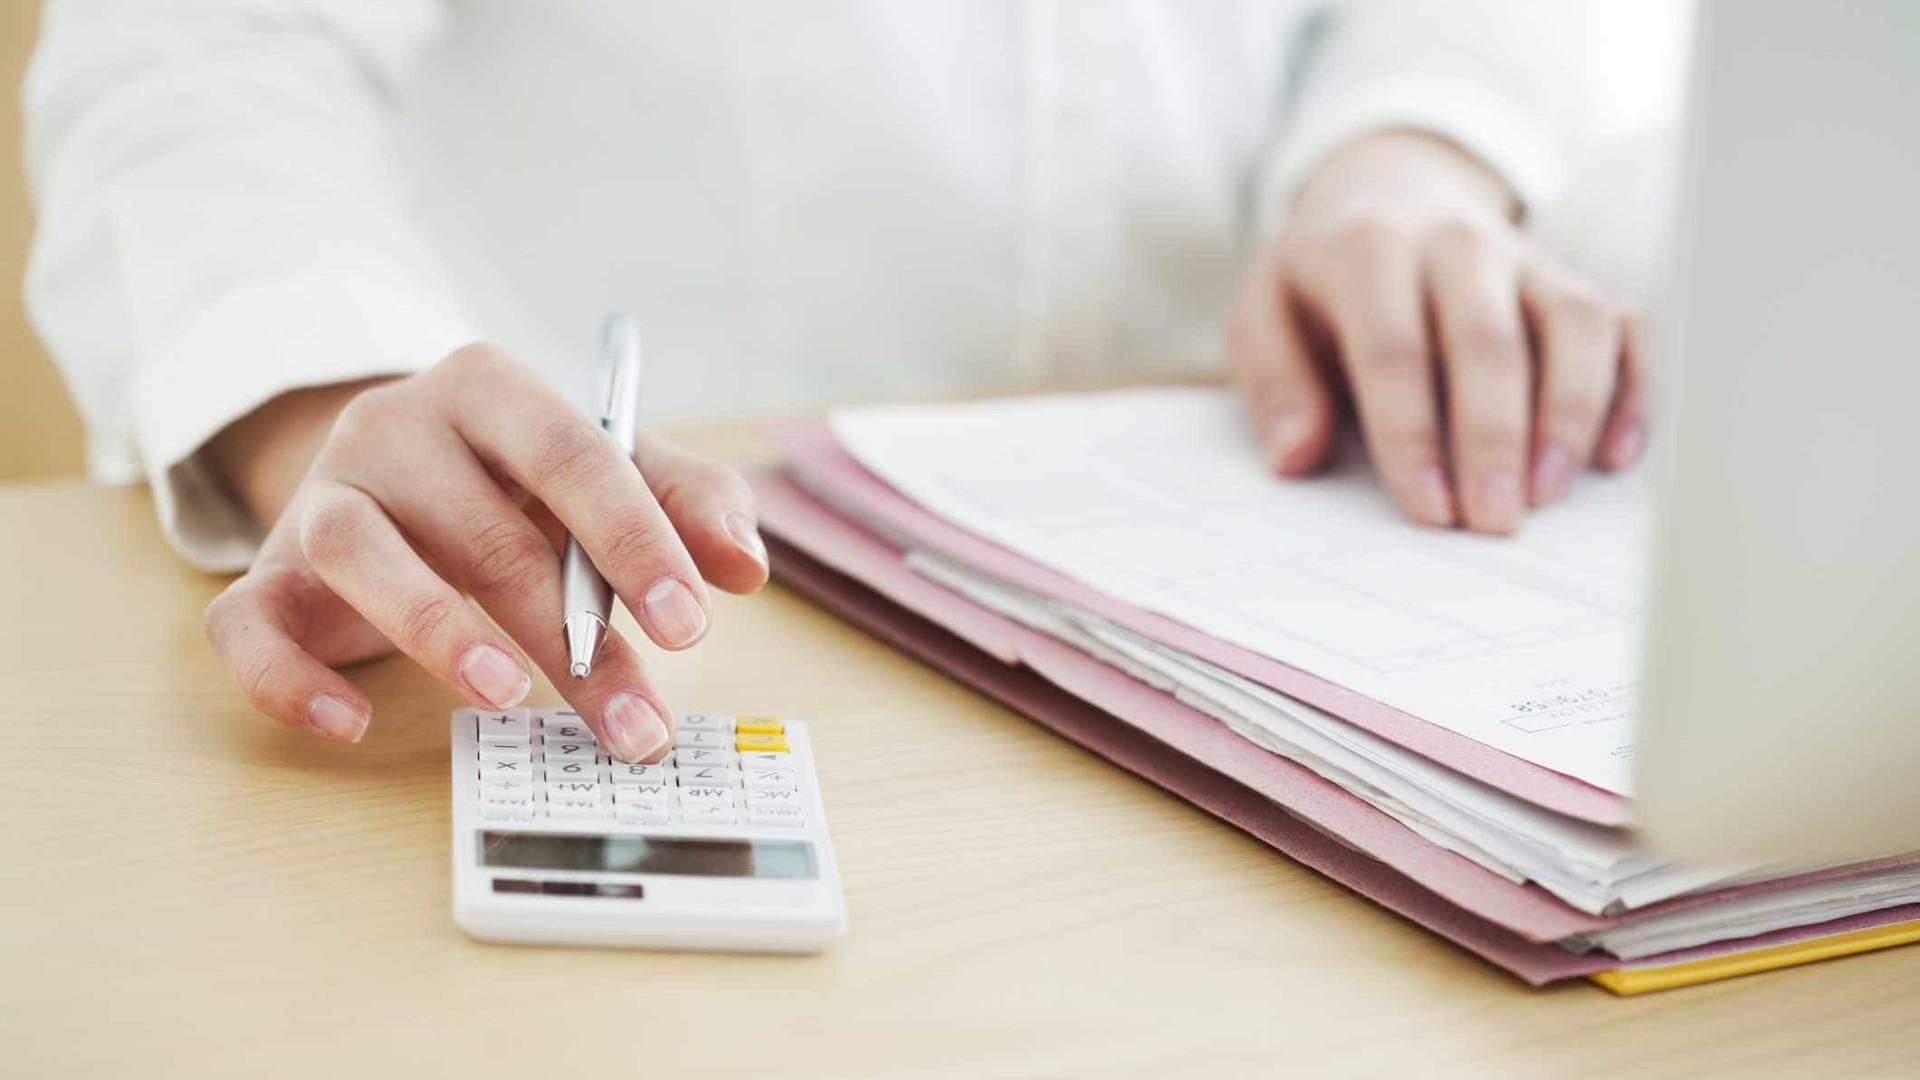 Se vai pedir um empréstimo, conheça os cuidados a ter